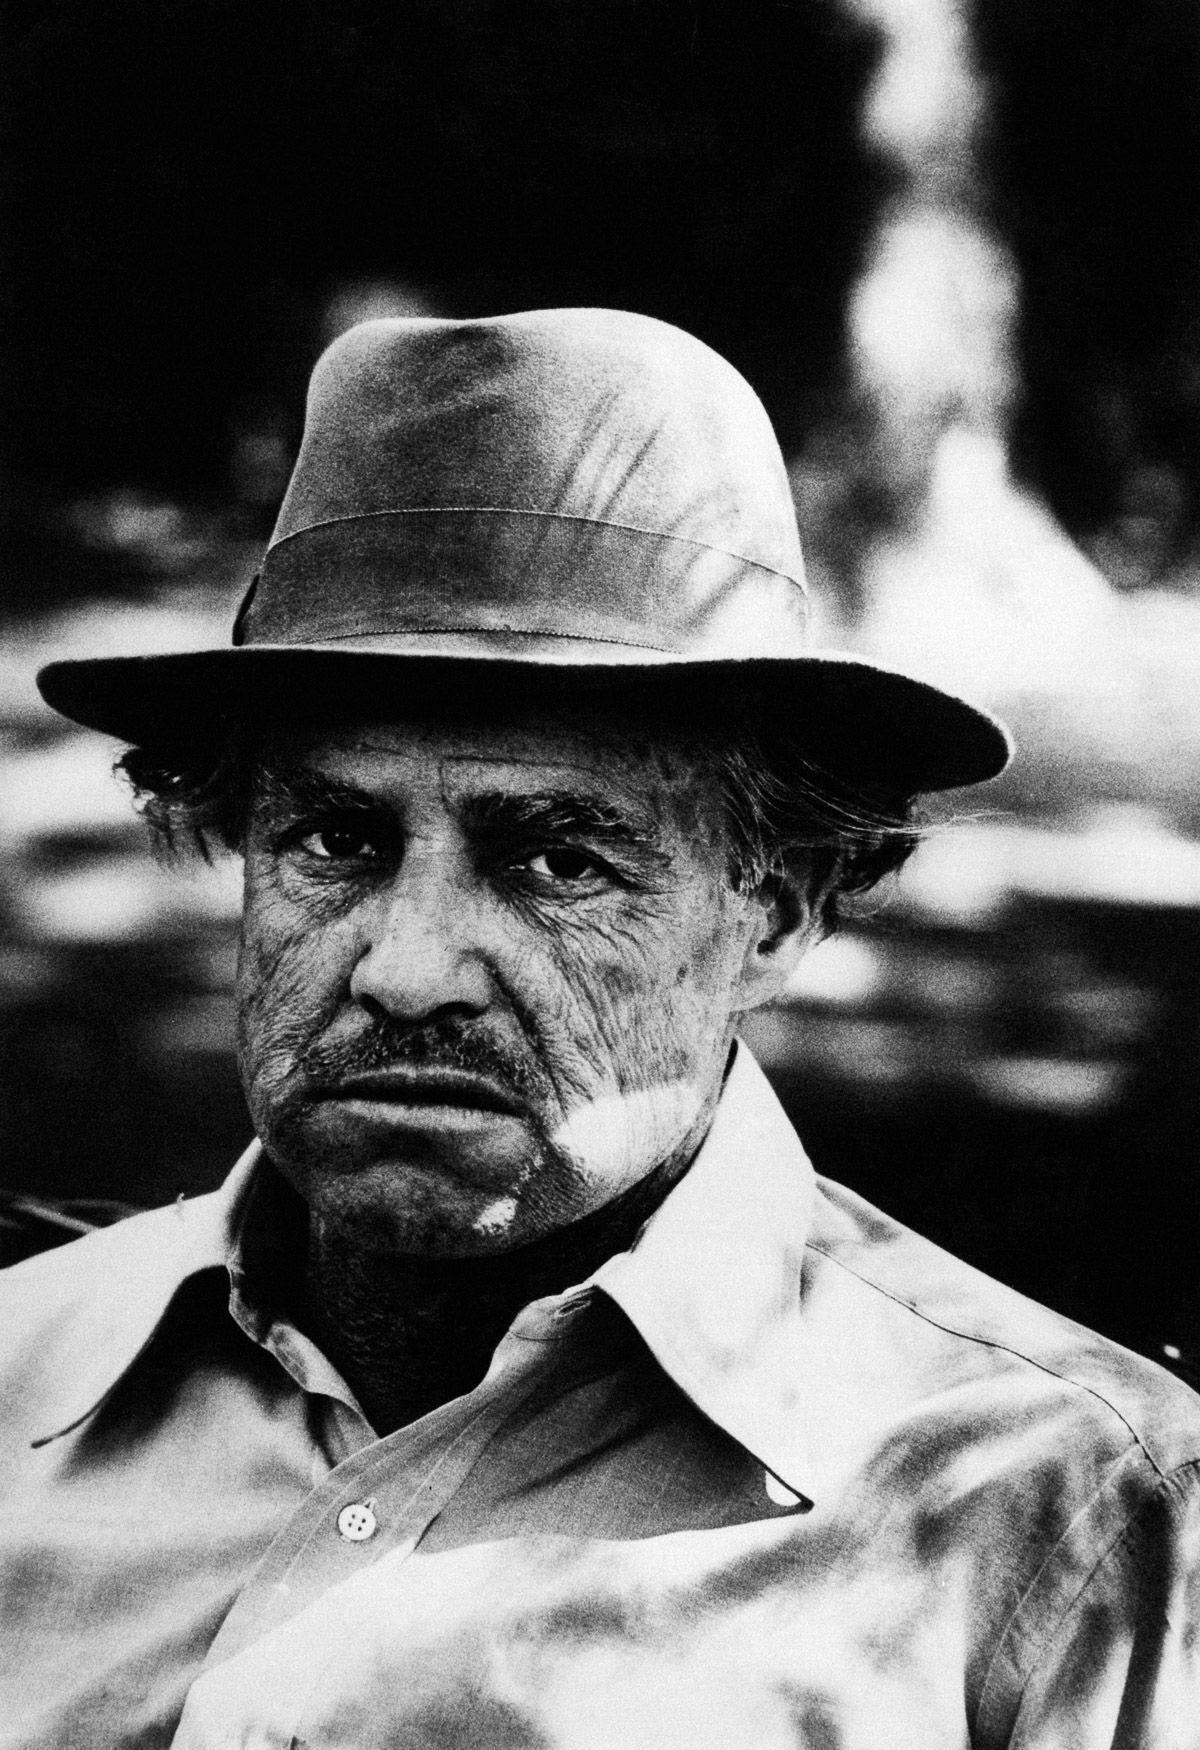 Marlon Brando as Vito Corleone in \u0027The Godfather